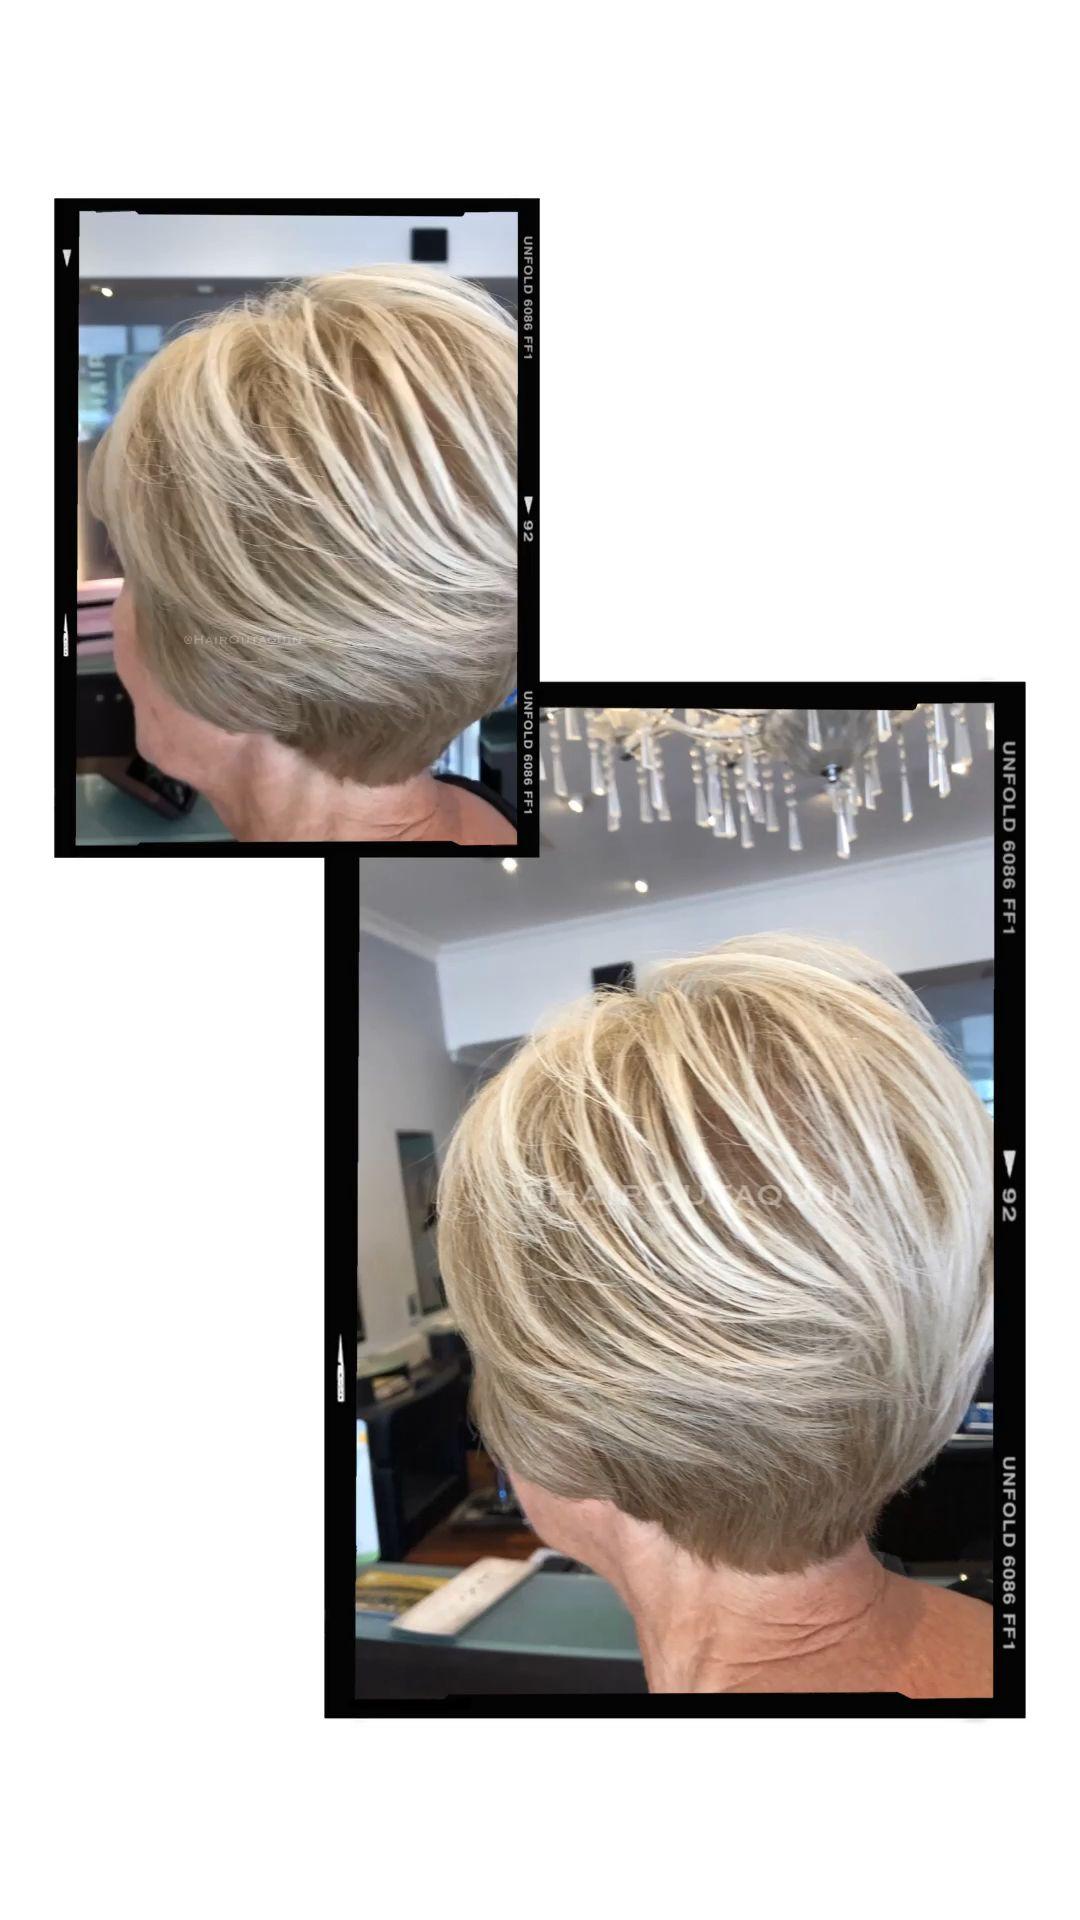 Short hair Blonde 👱🏻♀️